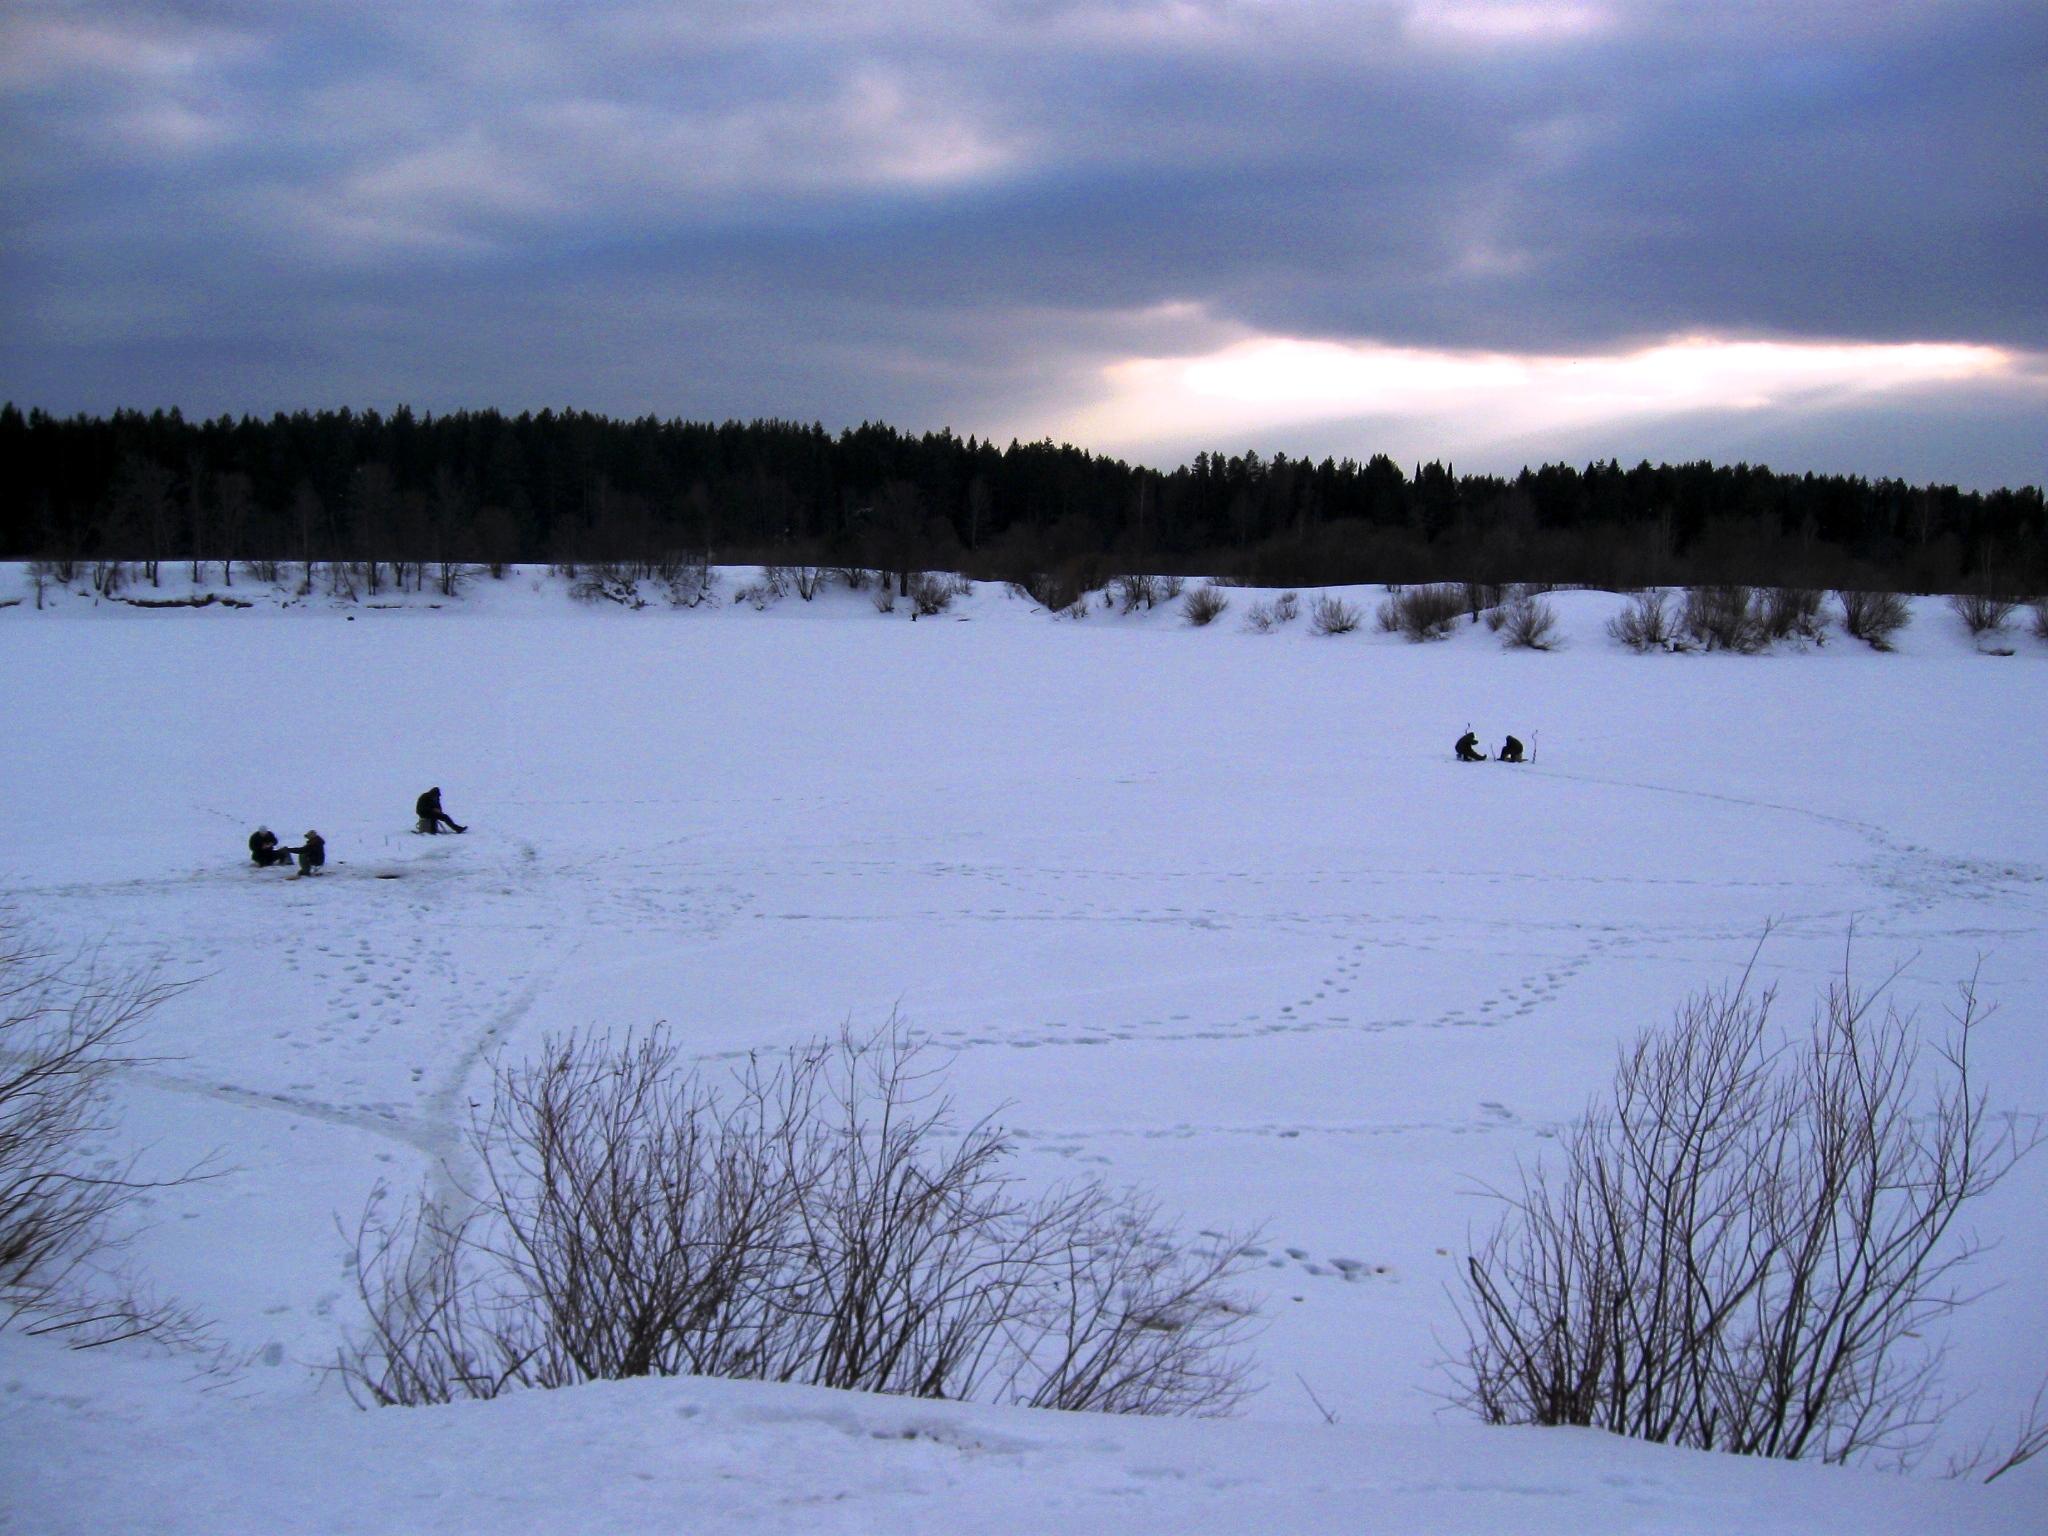 На льду в канун новогодья, вид на реку и рыбаков, подробное фото